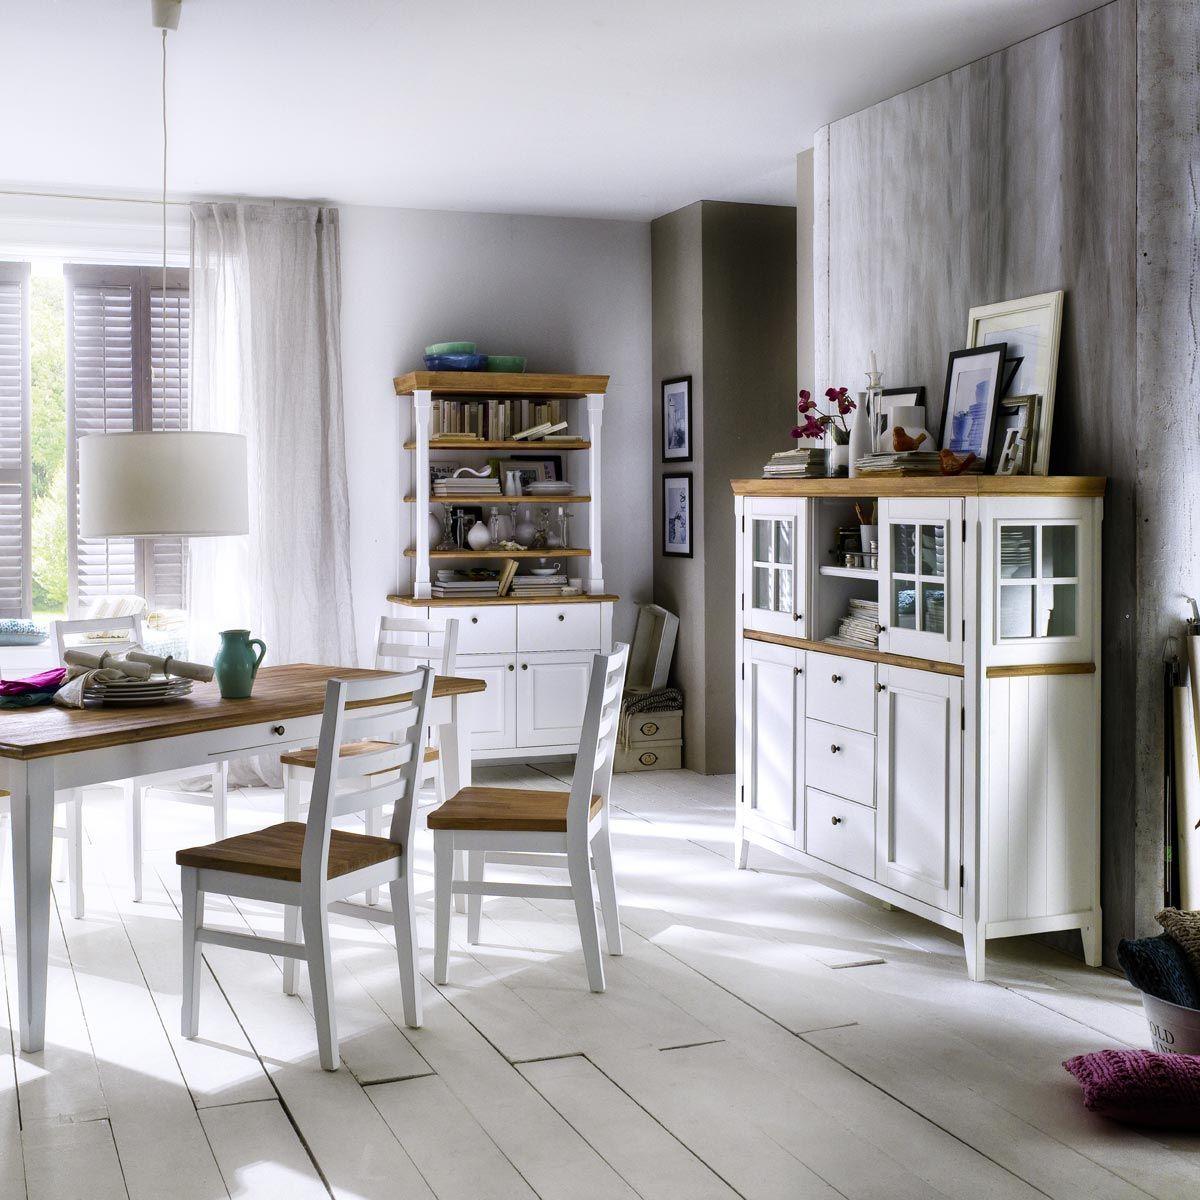 die #einrichtung im modernen #landhausstil überzeugt durch eine ... - Einrichtung Im Modernen Landhausstil